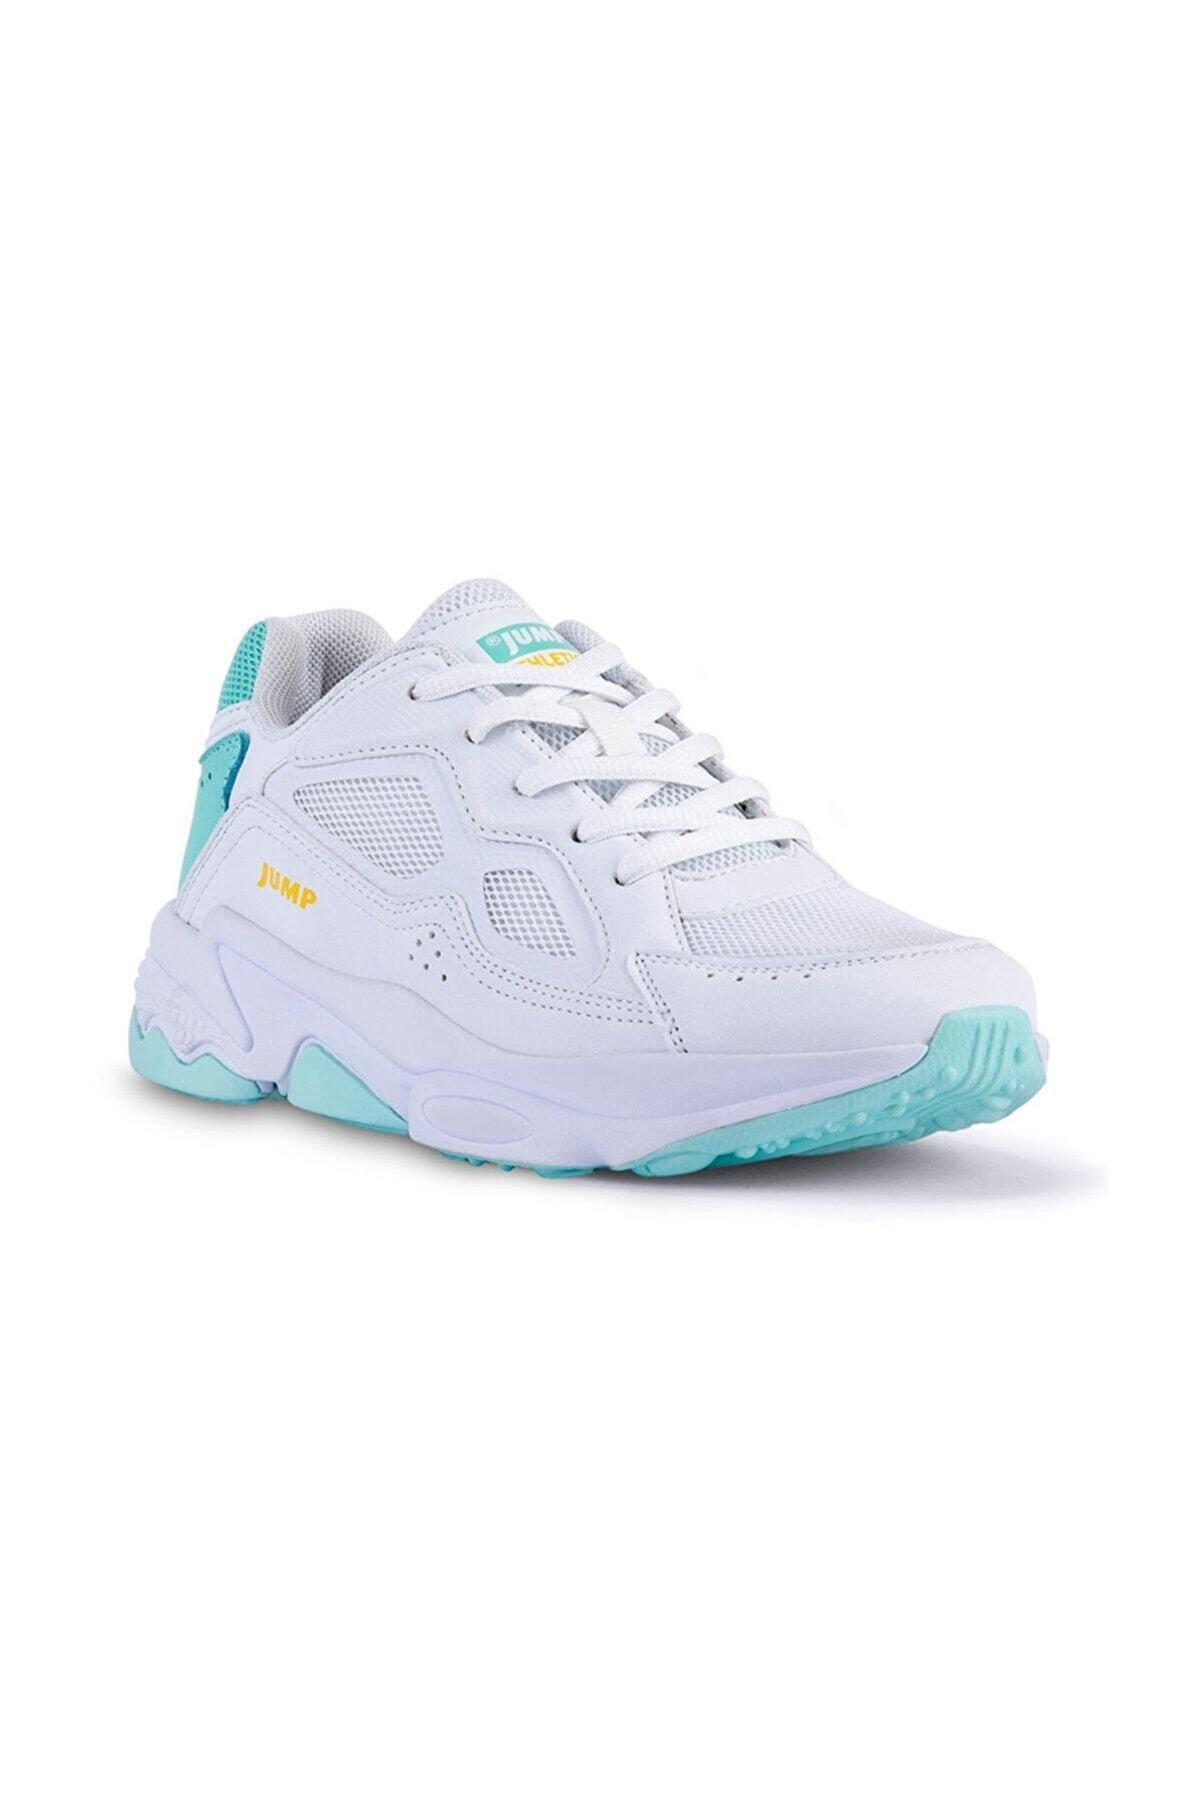 Jump 24711 Kadın Spor Ayakkabı